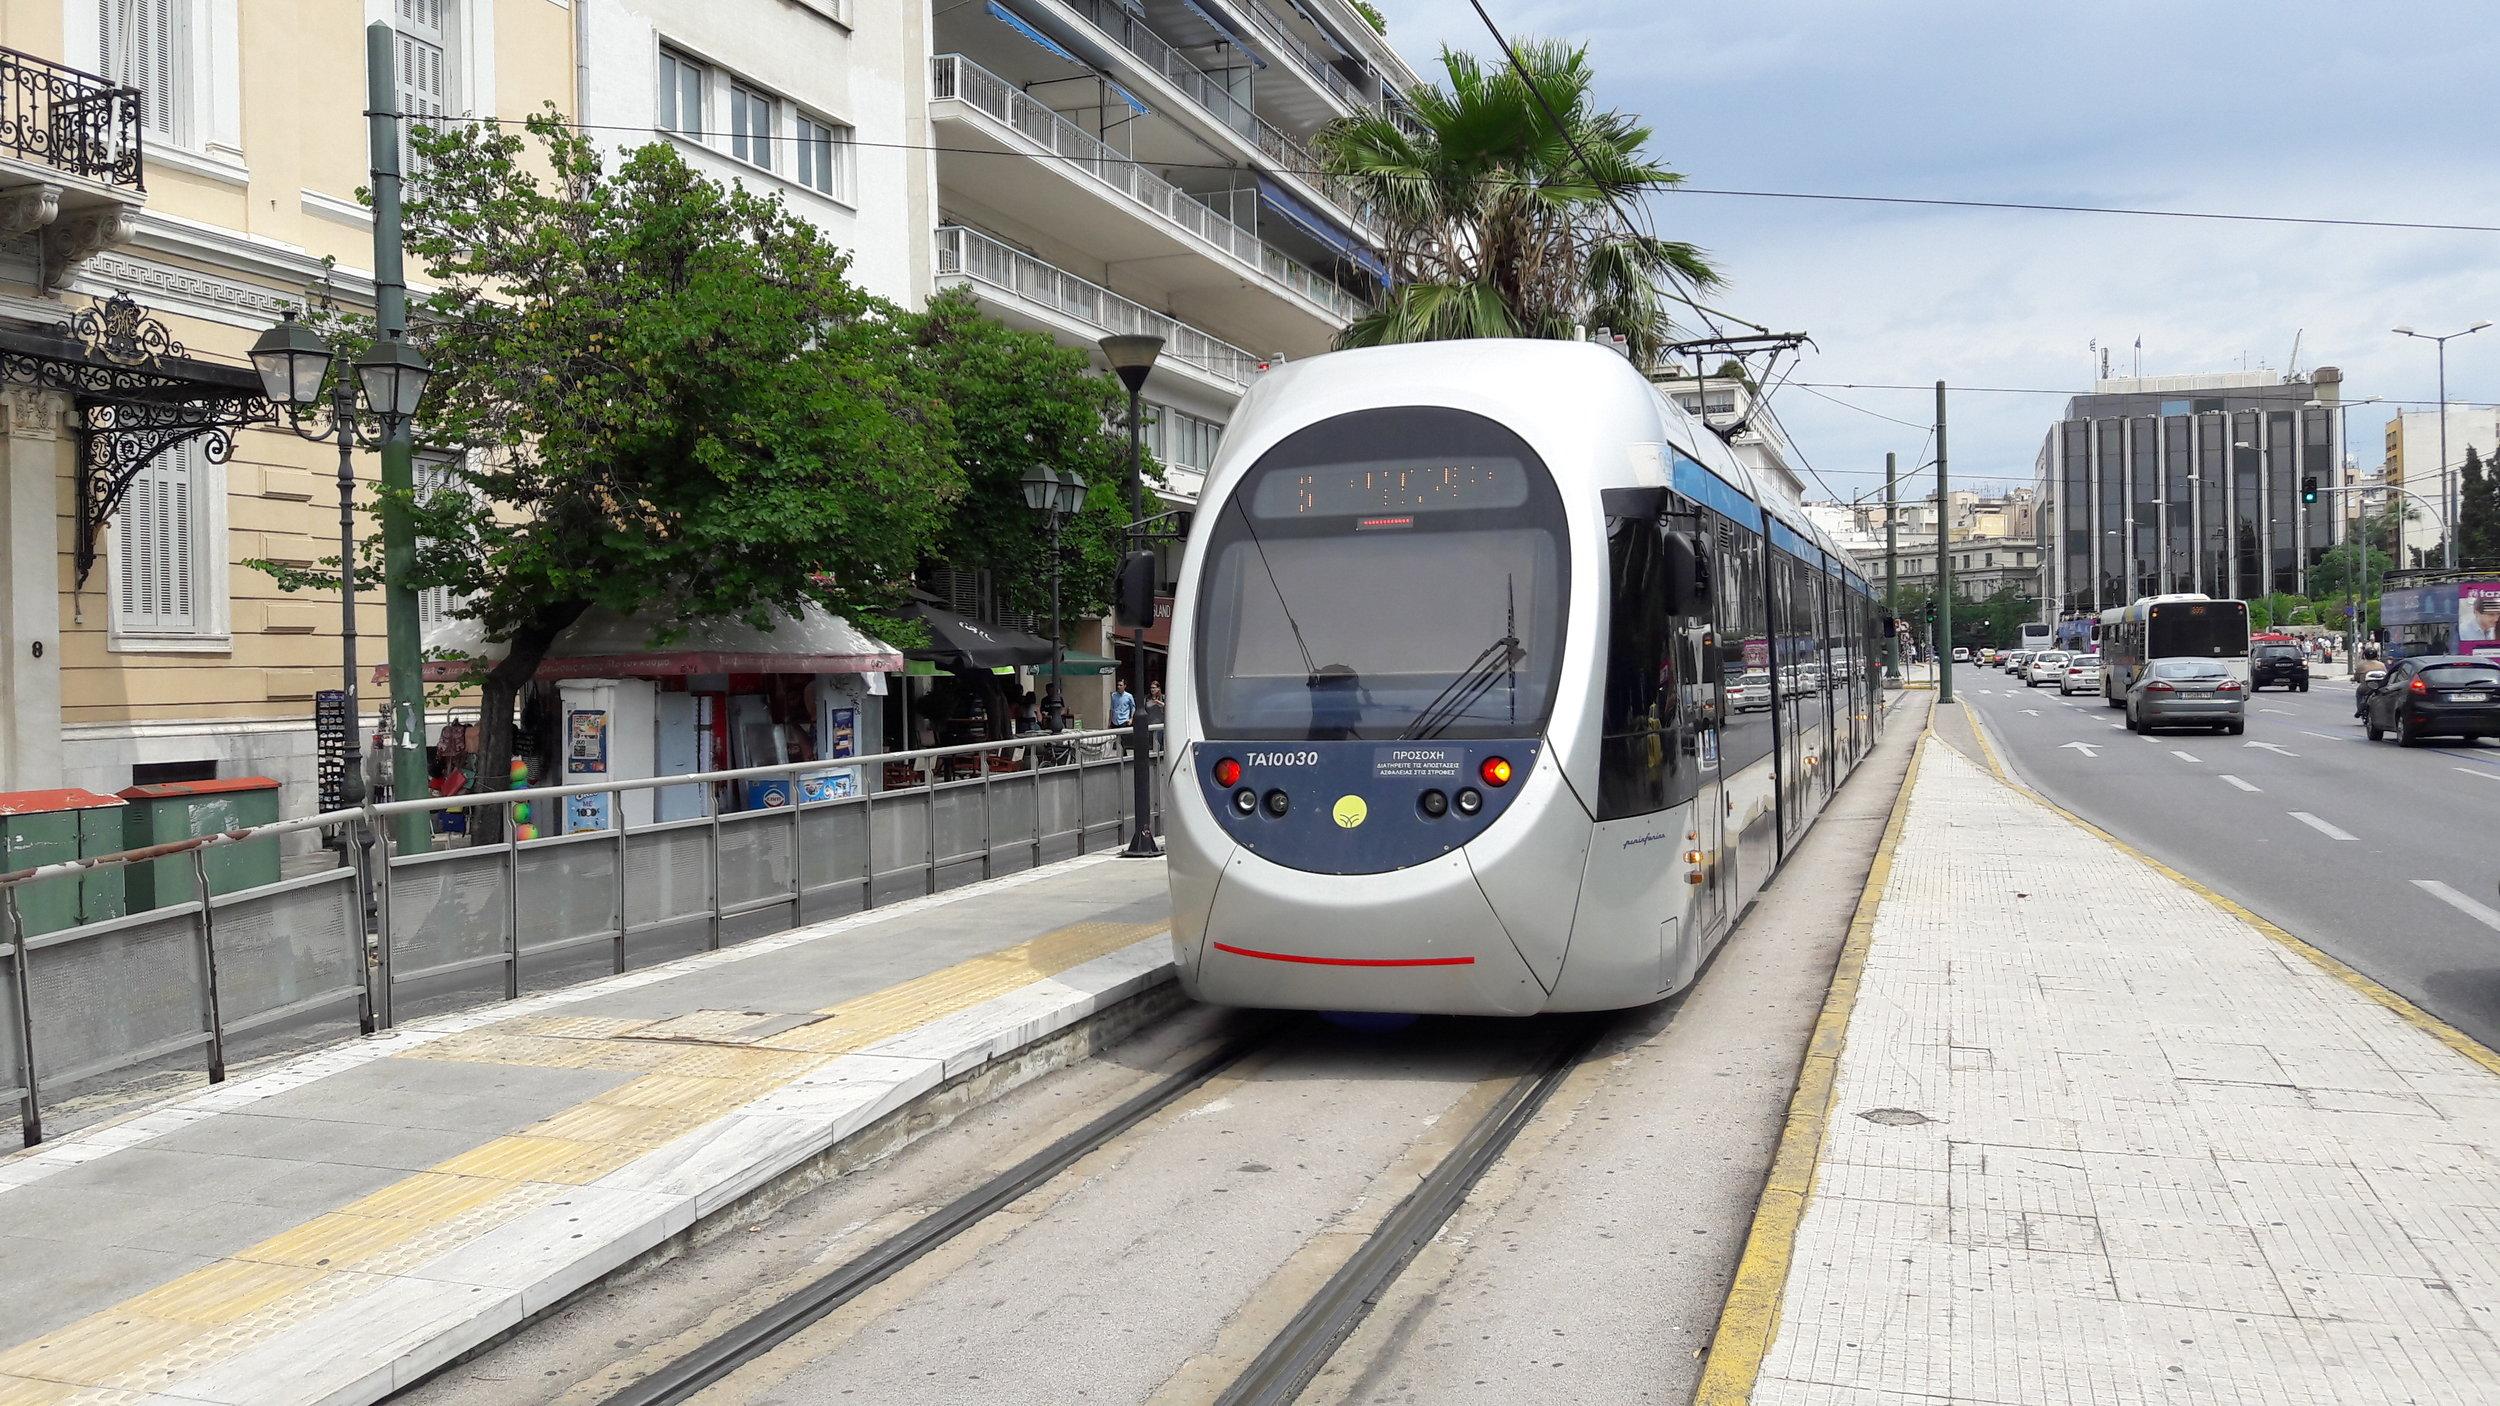 Stávající flotilu 35 ks tramvají typu Sirio dodala italská AnsaldoBreda (dnes Hitachi Rail Italy). Na snímku z 11. června 2017 vidíme konečnou Syntagma, která je umístěna v centru města.